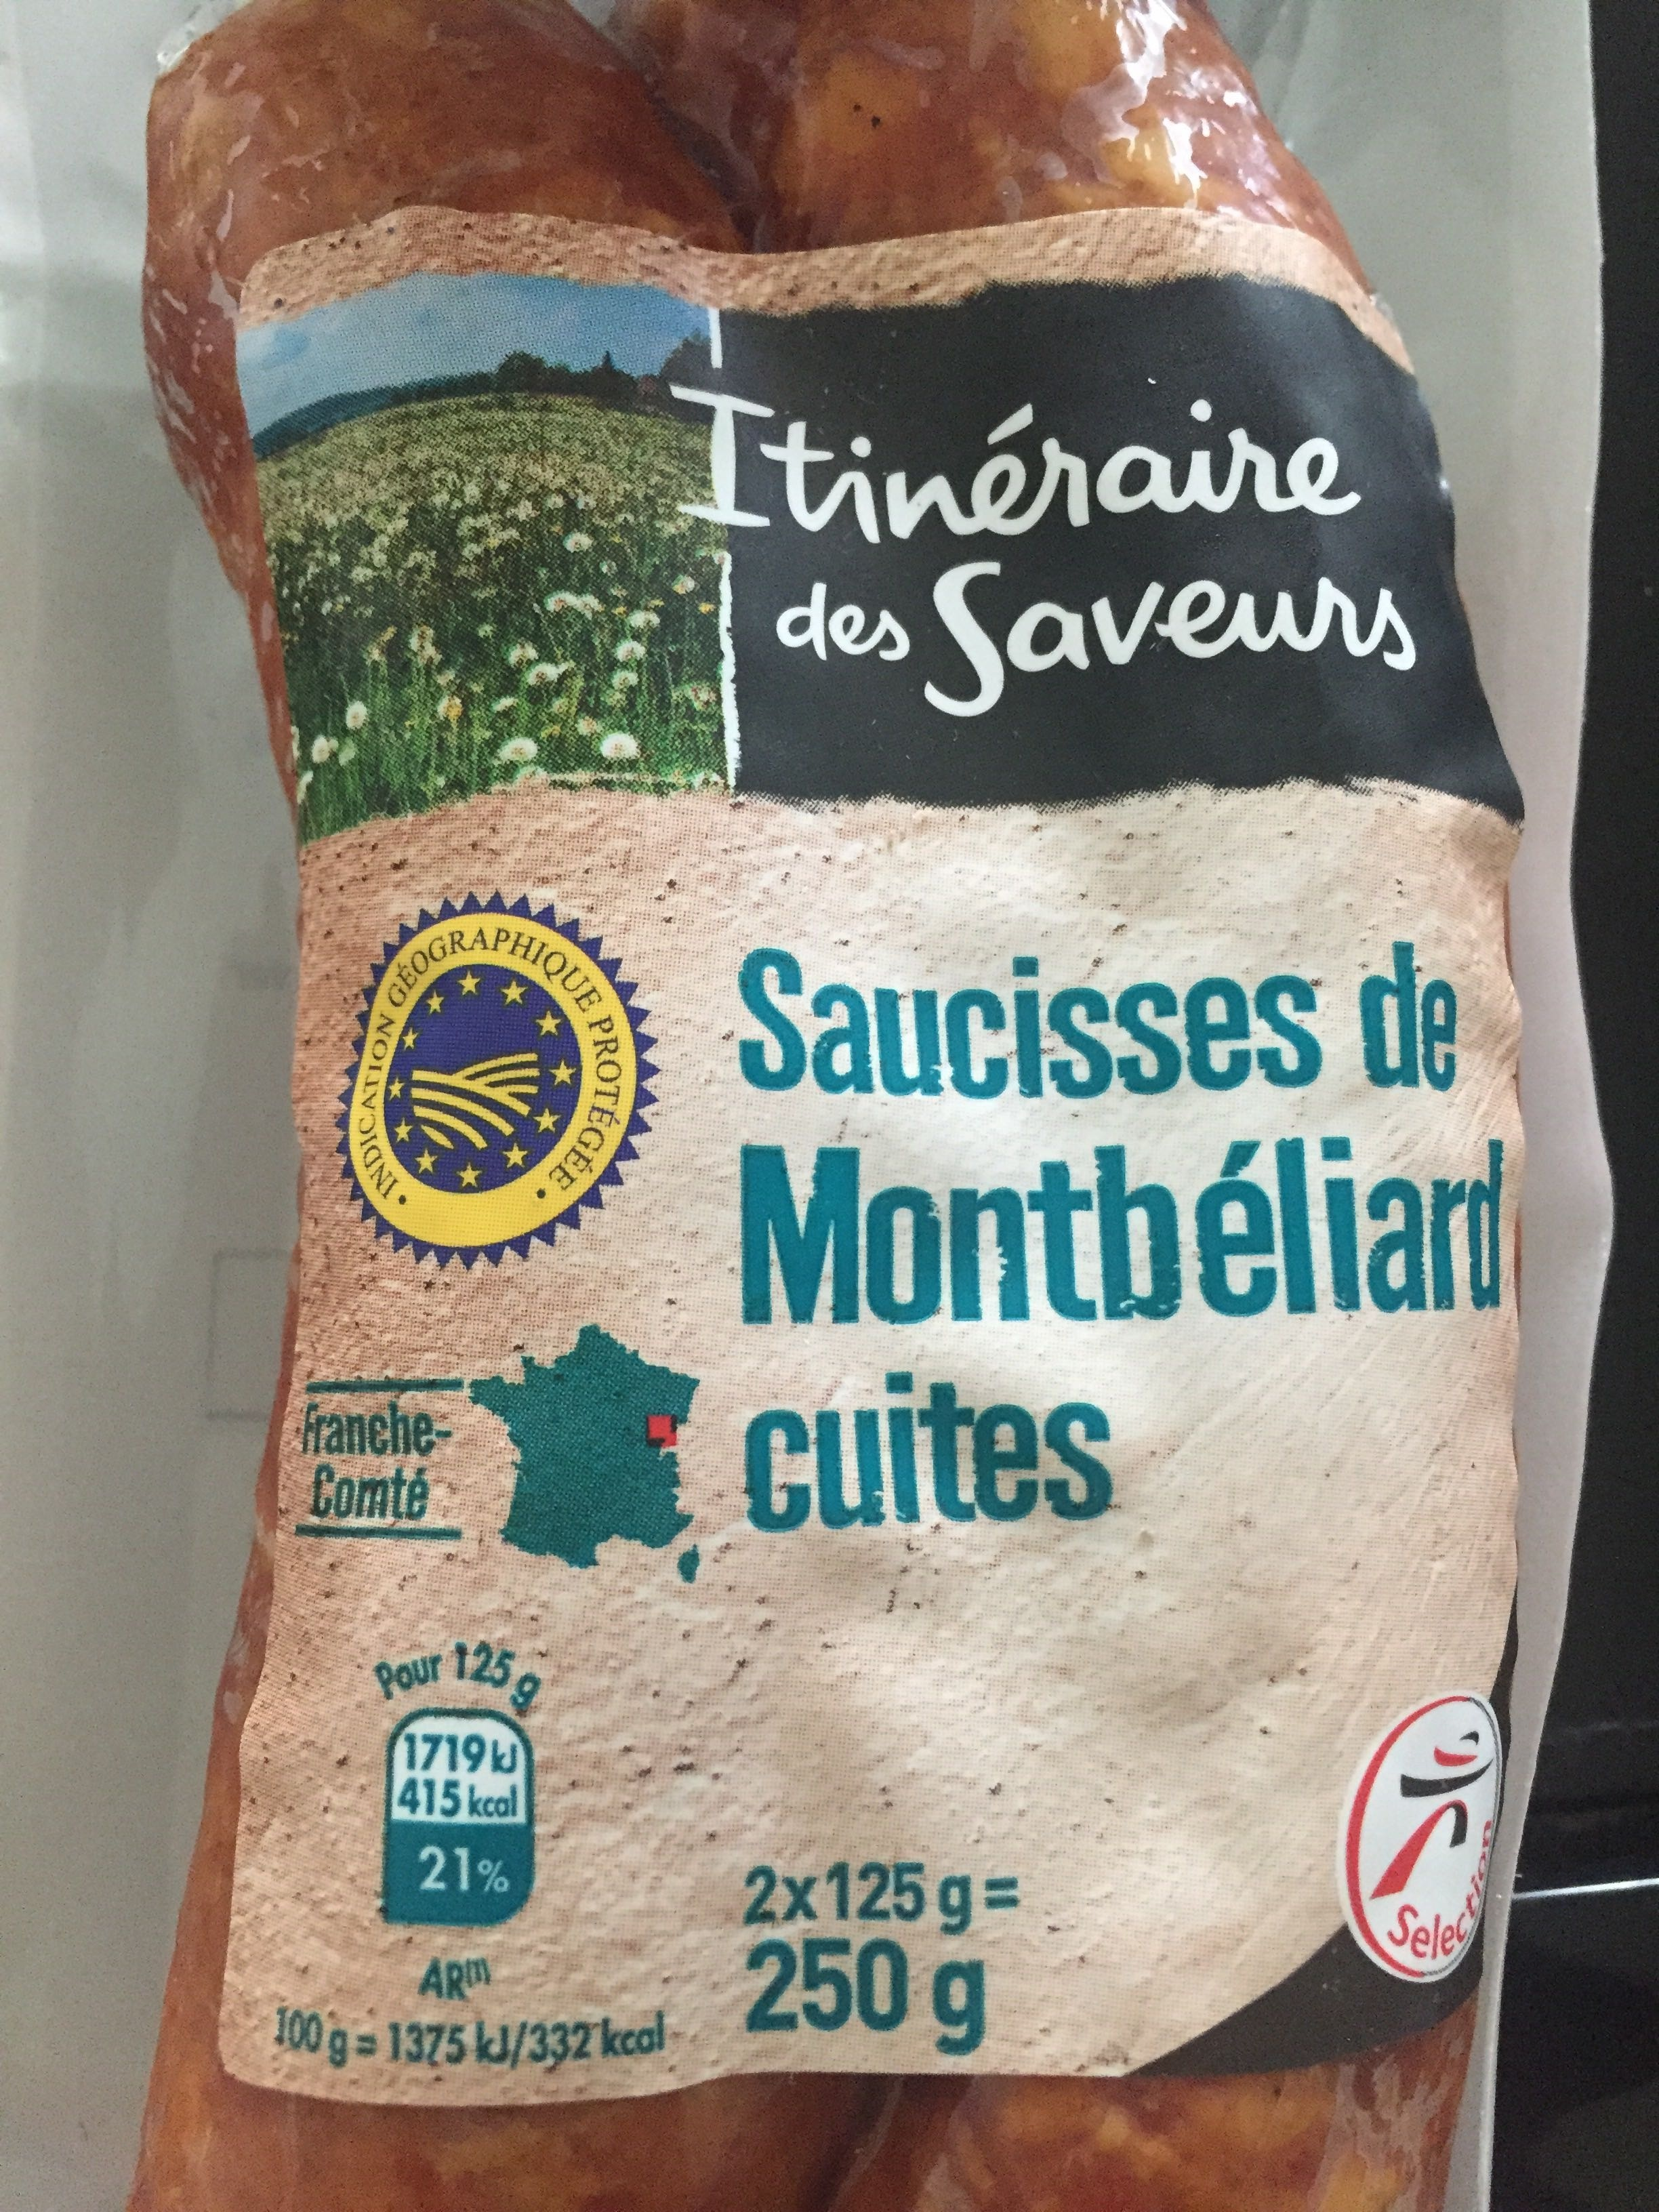 Saucisses de Montbéliard cuites - Product - fr